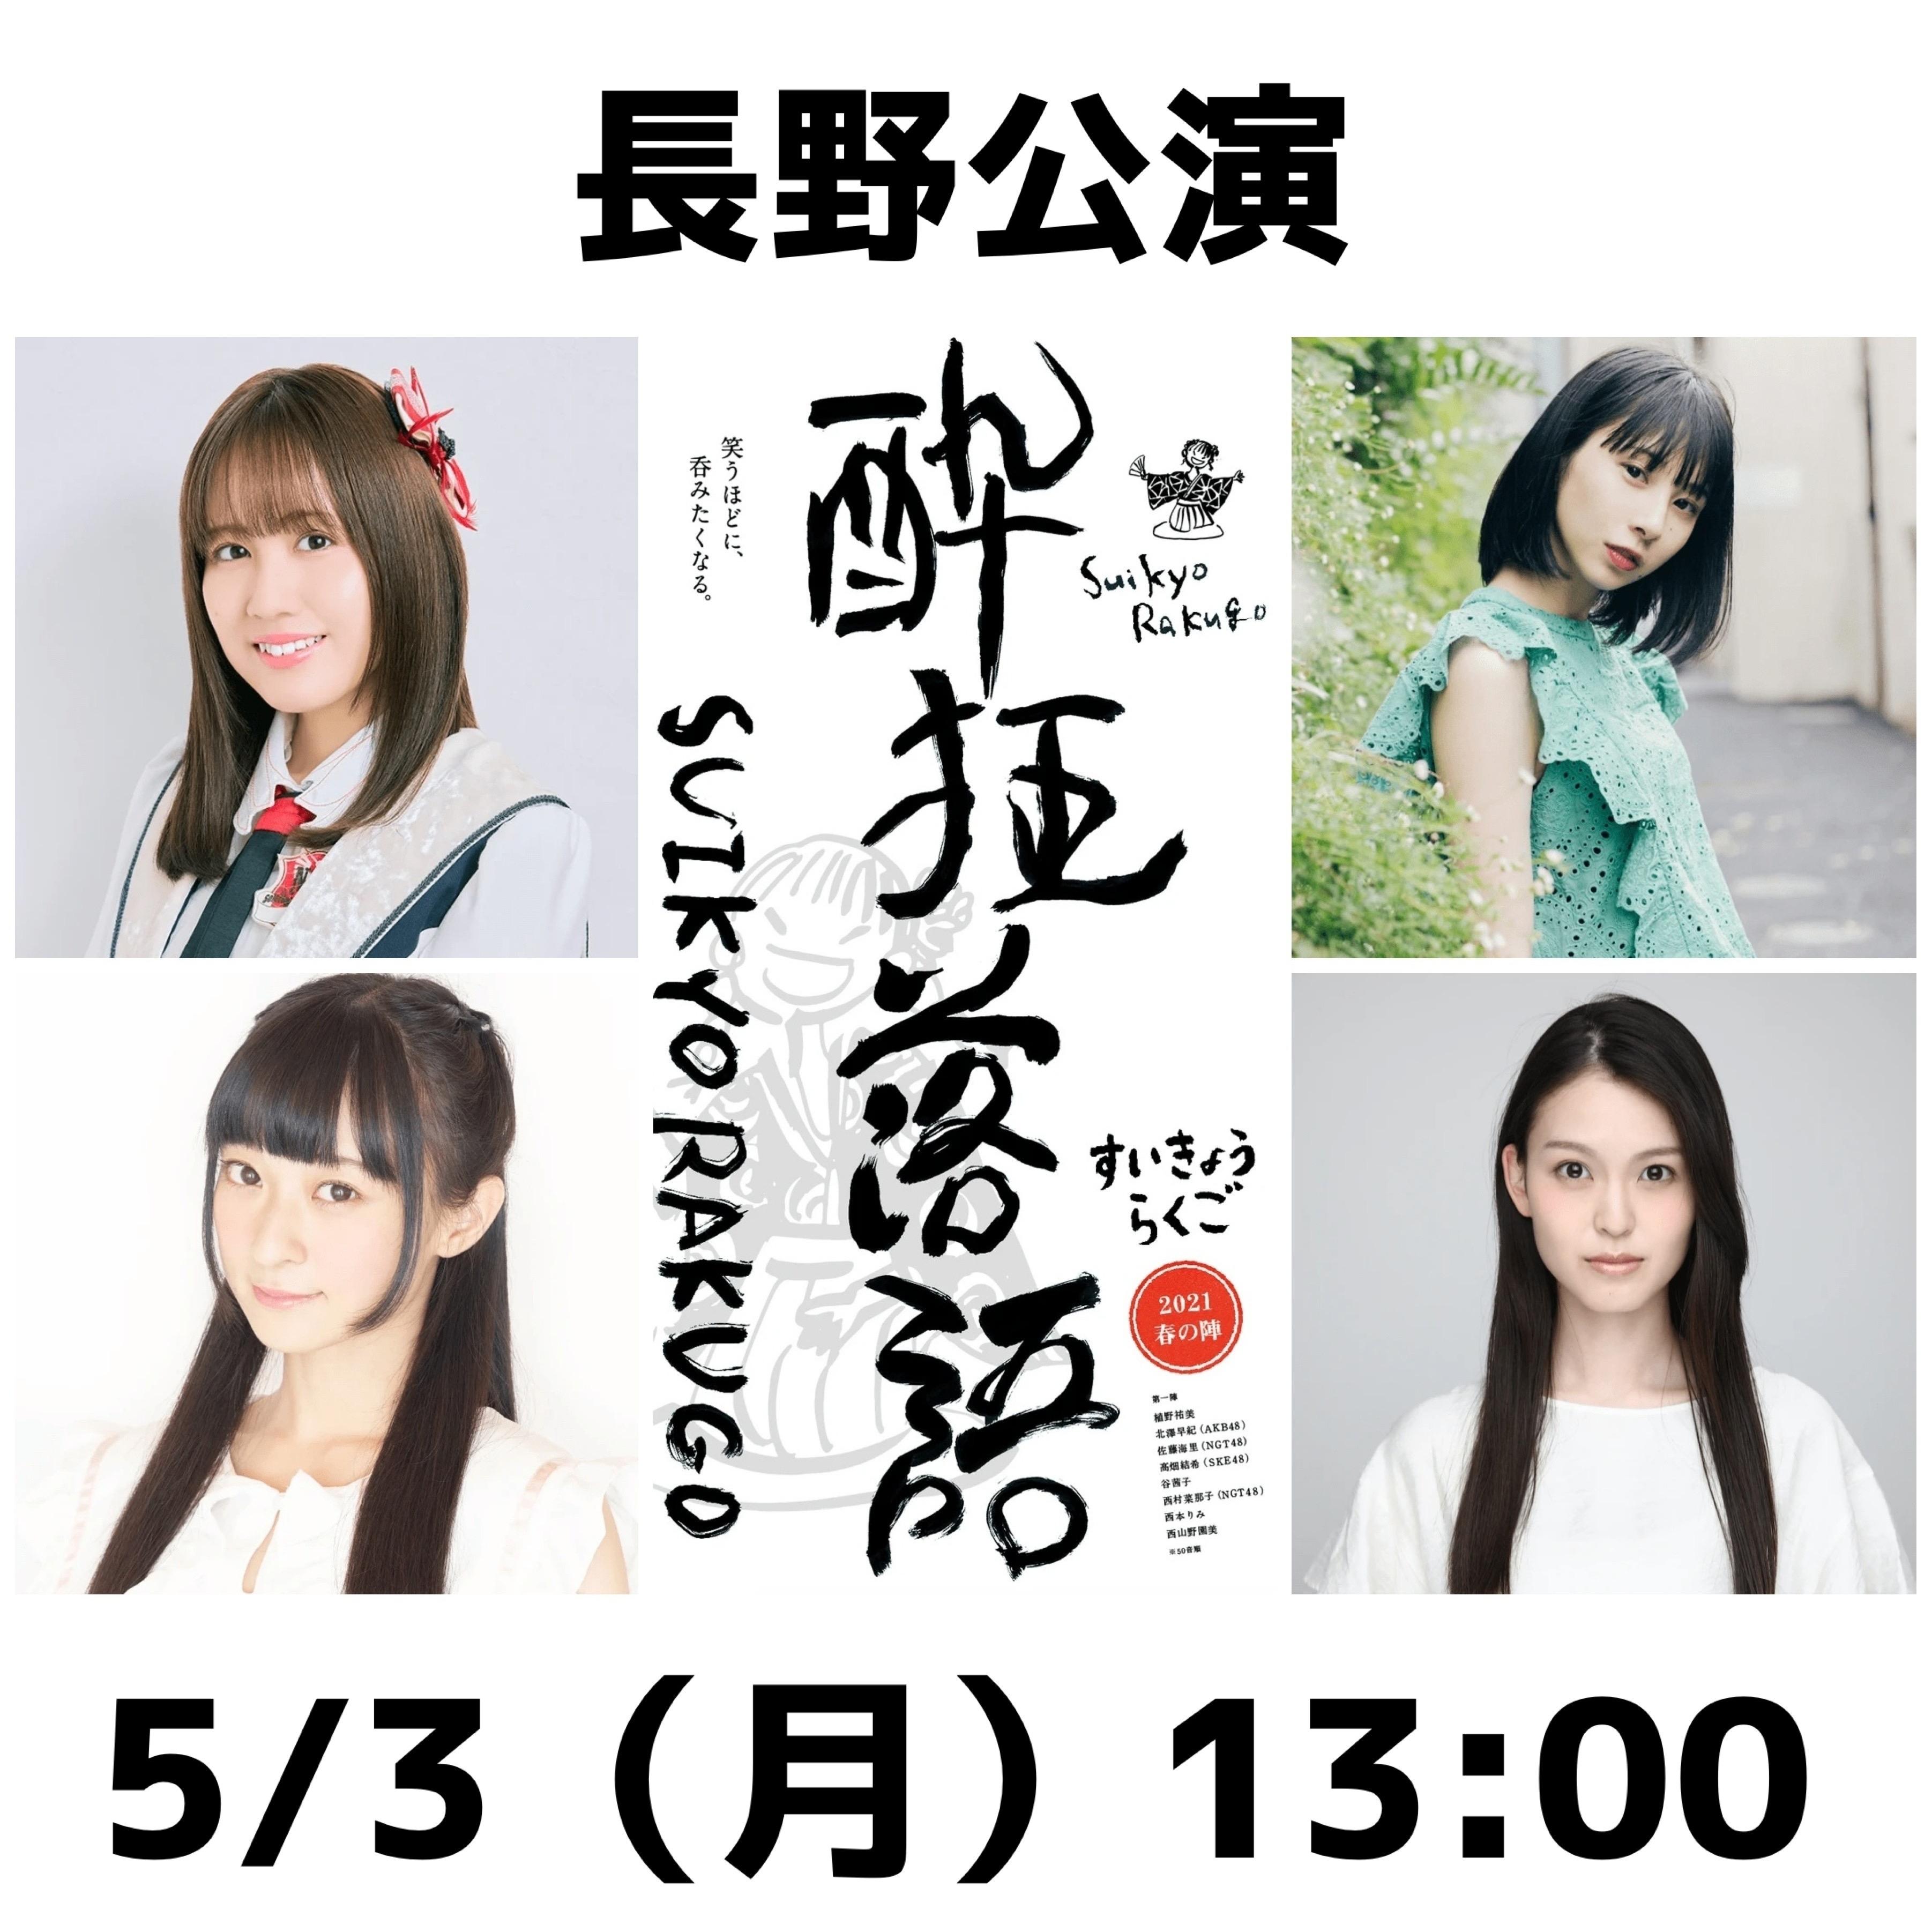 【5月3日(月) 13:00】酔狂落語~二〇二一春の陣~【長野公演】